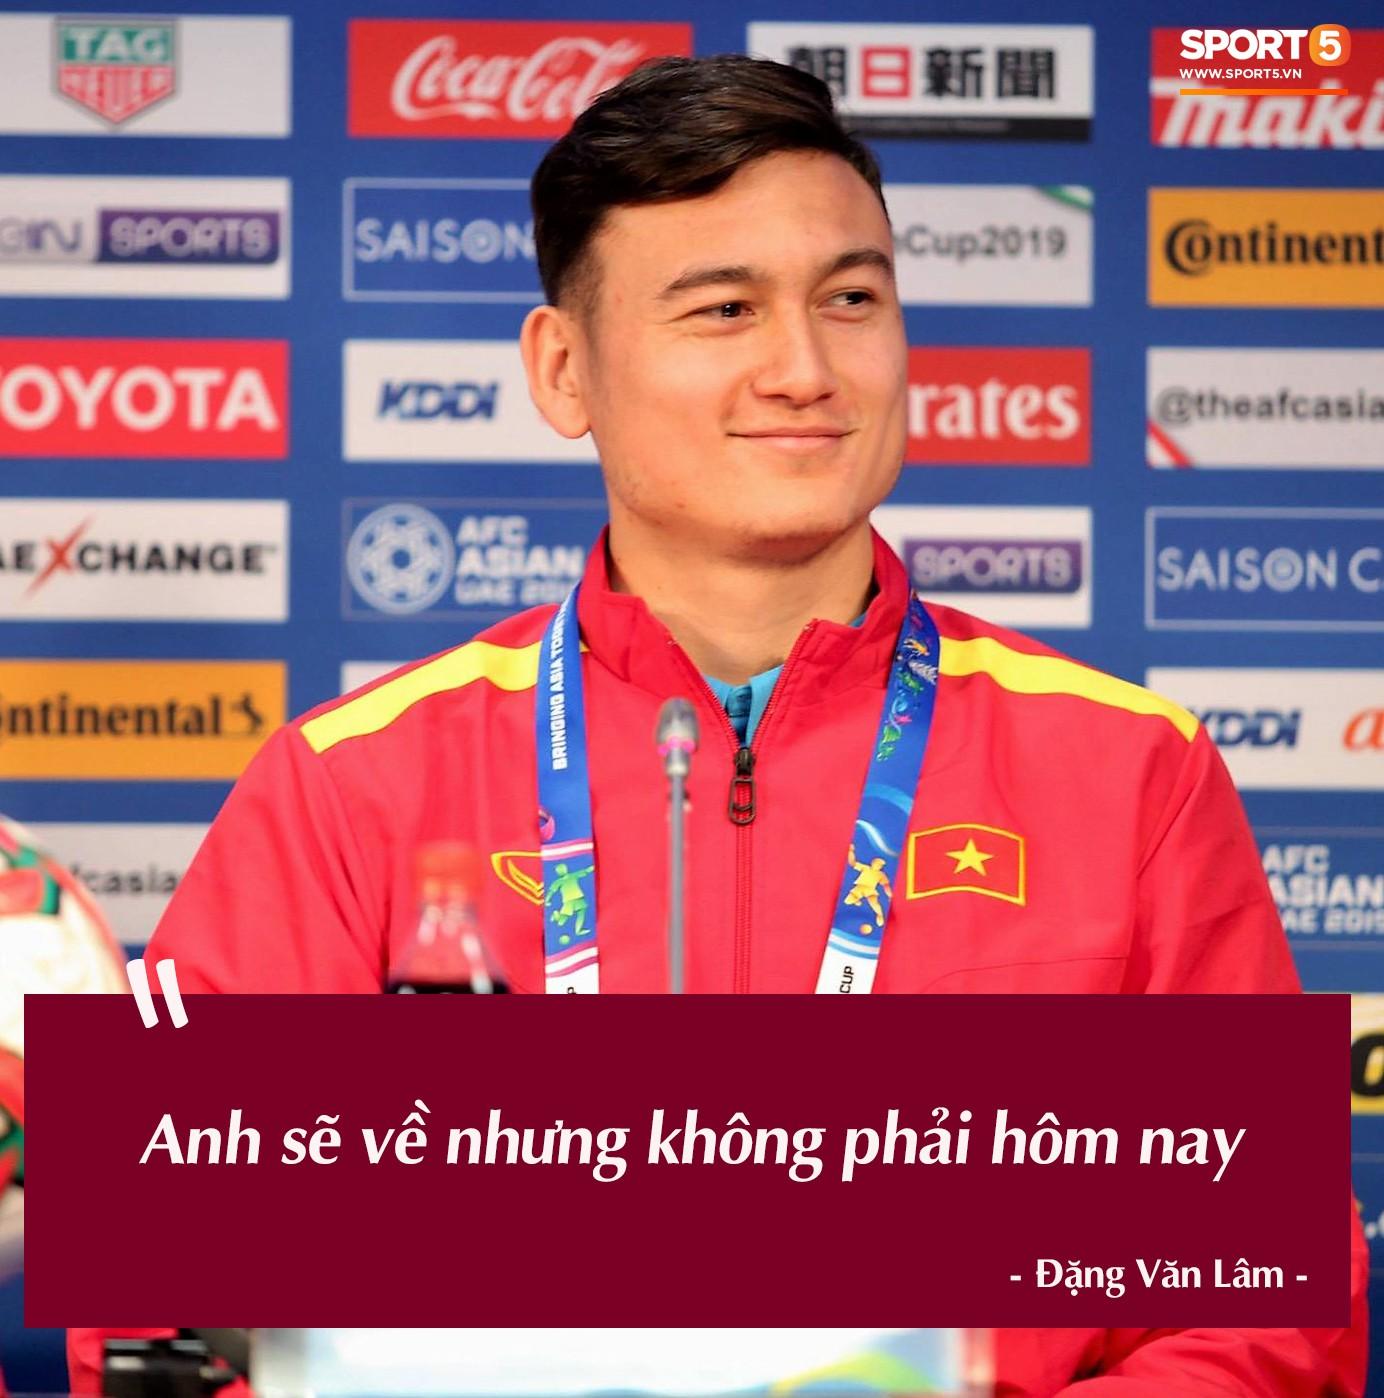 Trước vòng đấu loại trực tiếp Asian Cup 2019, Đặng Văn Lâm tuyên bố: Anh sẽ về, nhưng không phải hôm nay - Ảnh 8.